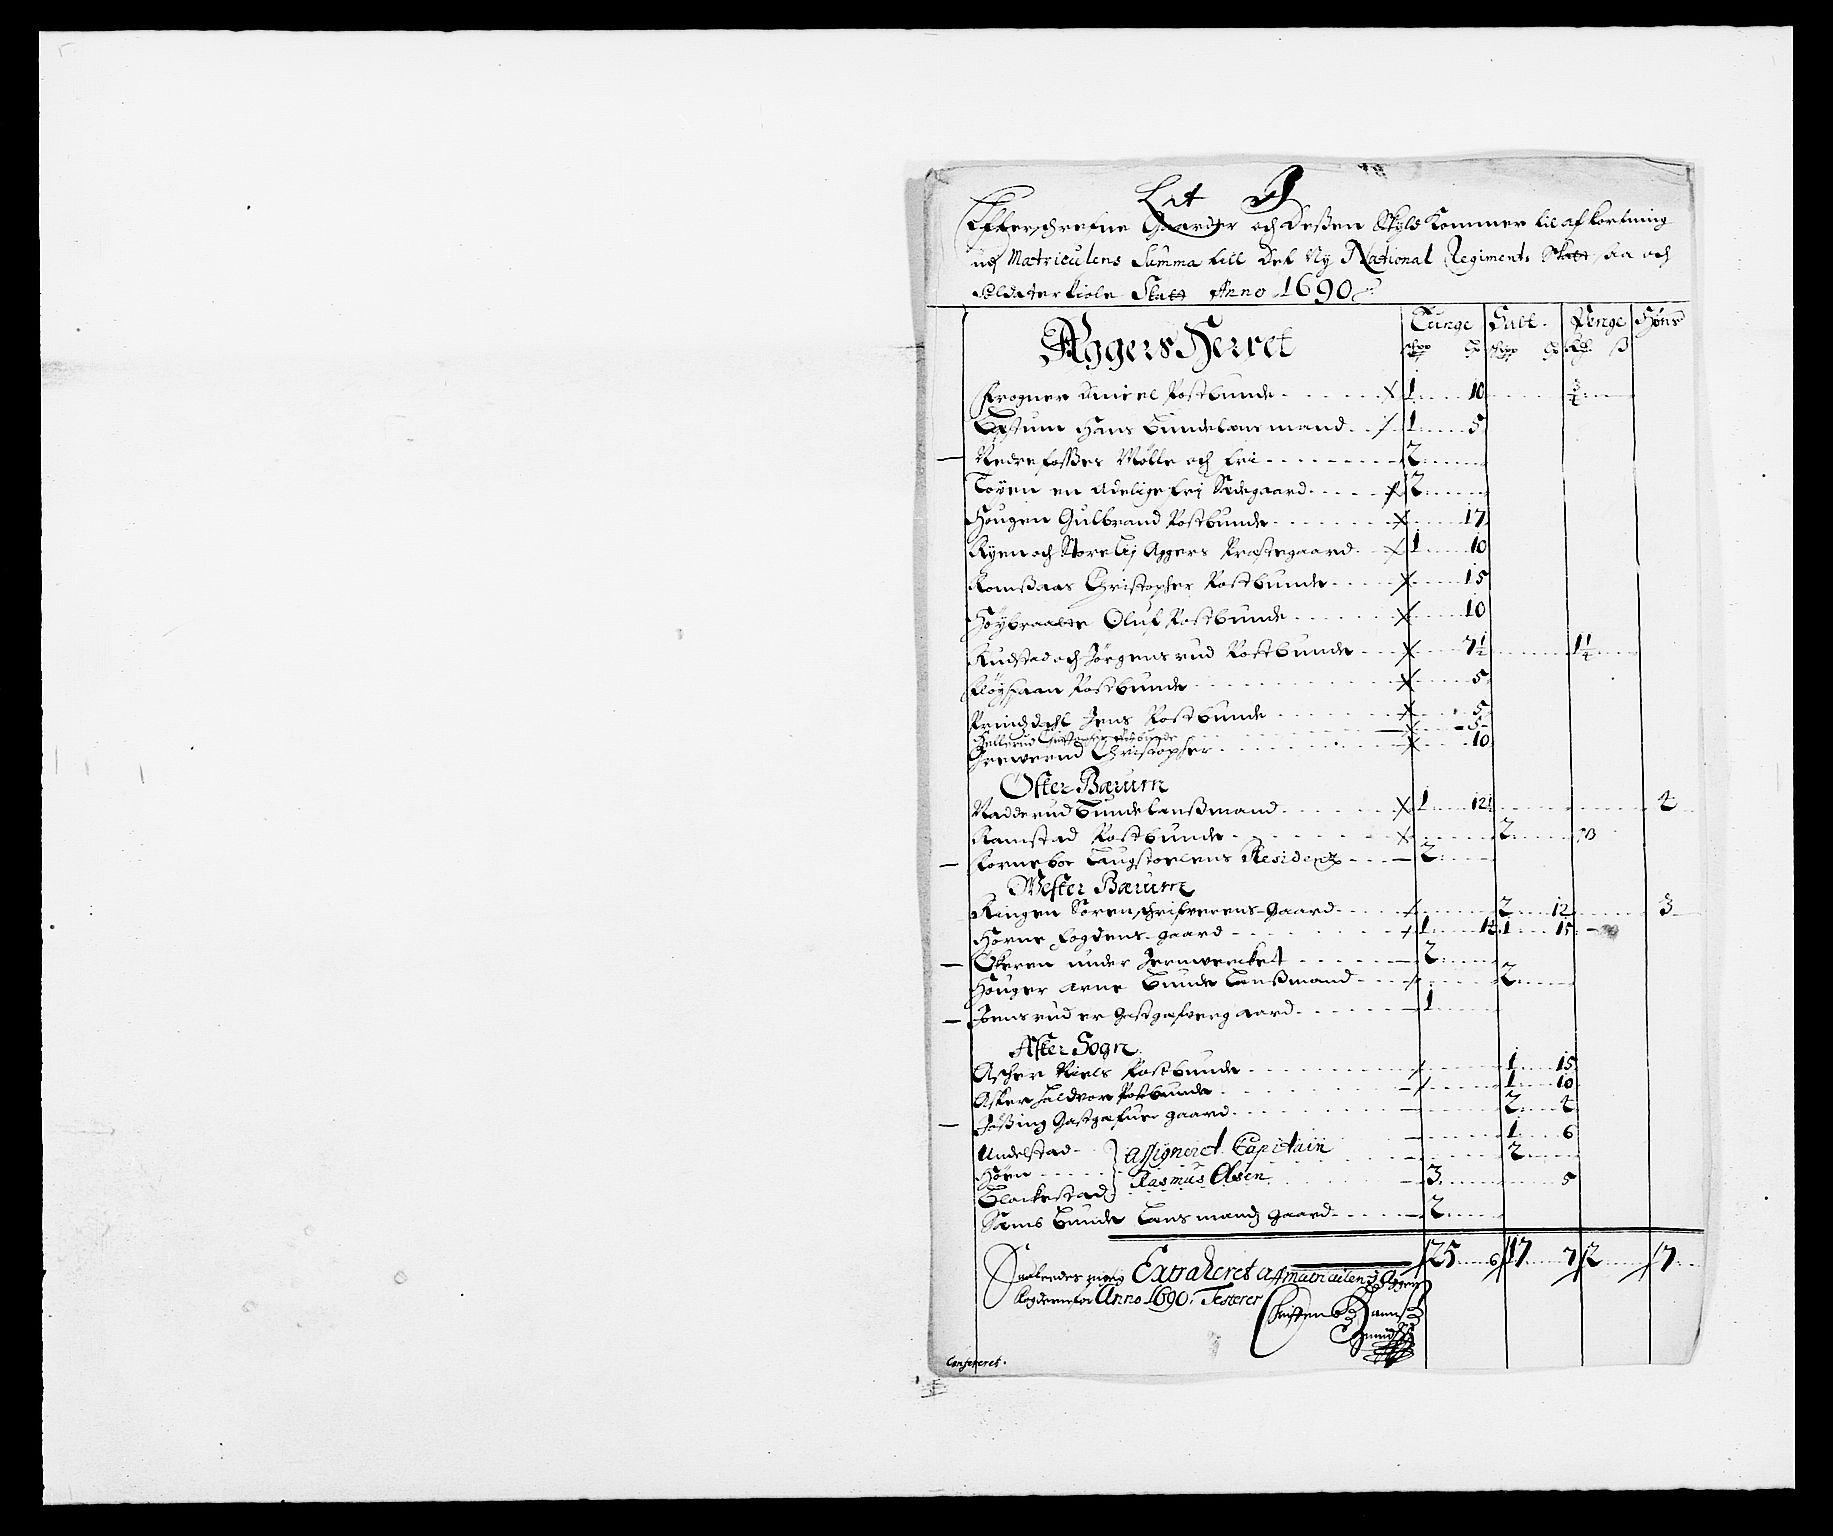 RA, Rentekammeret inntil 1814, Reviderte regnskaper, Fogderegnskap, R08/L0423: Fogderegnskap Aker, 1687-1689, s. 212